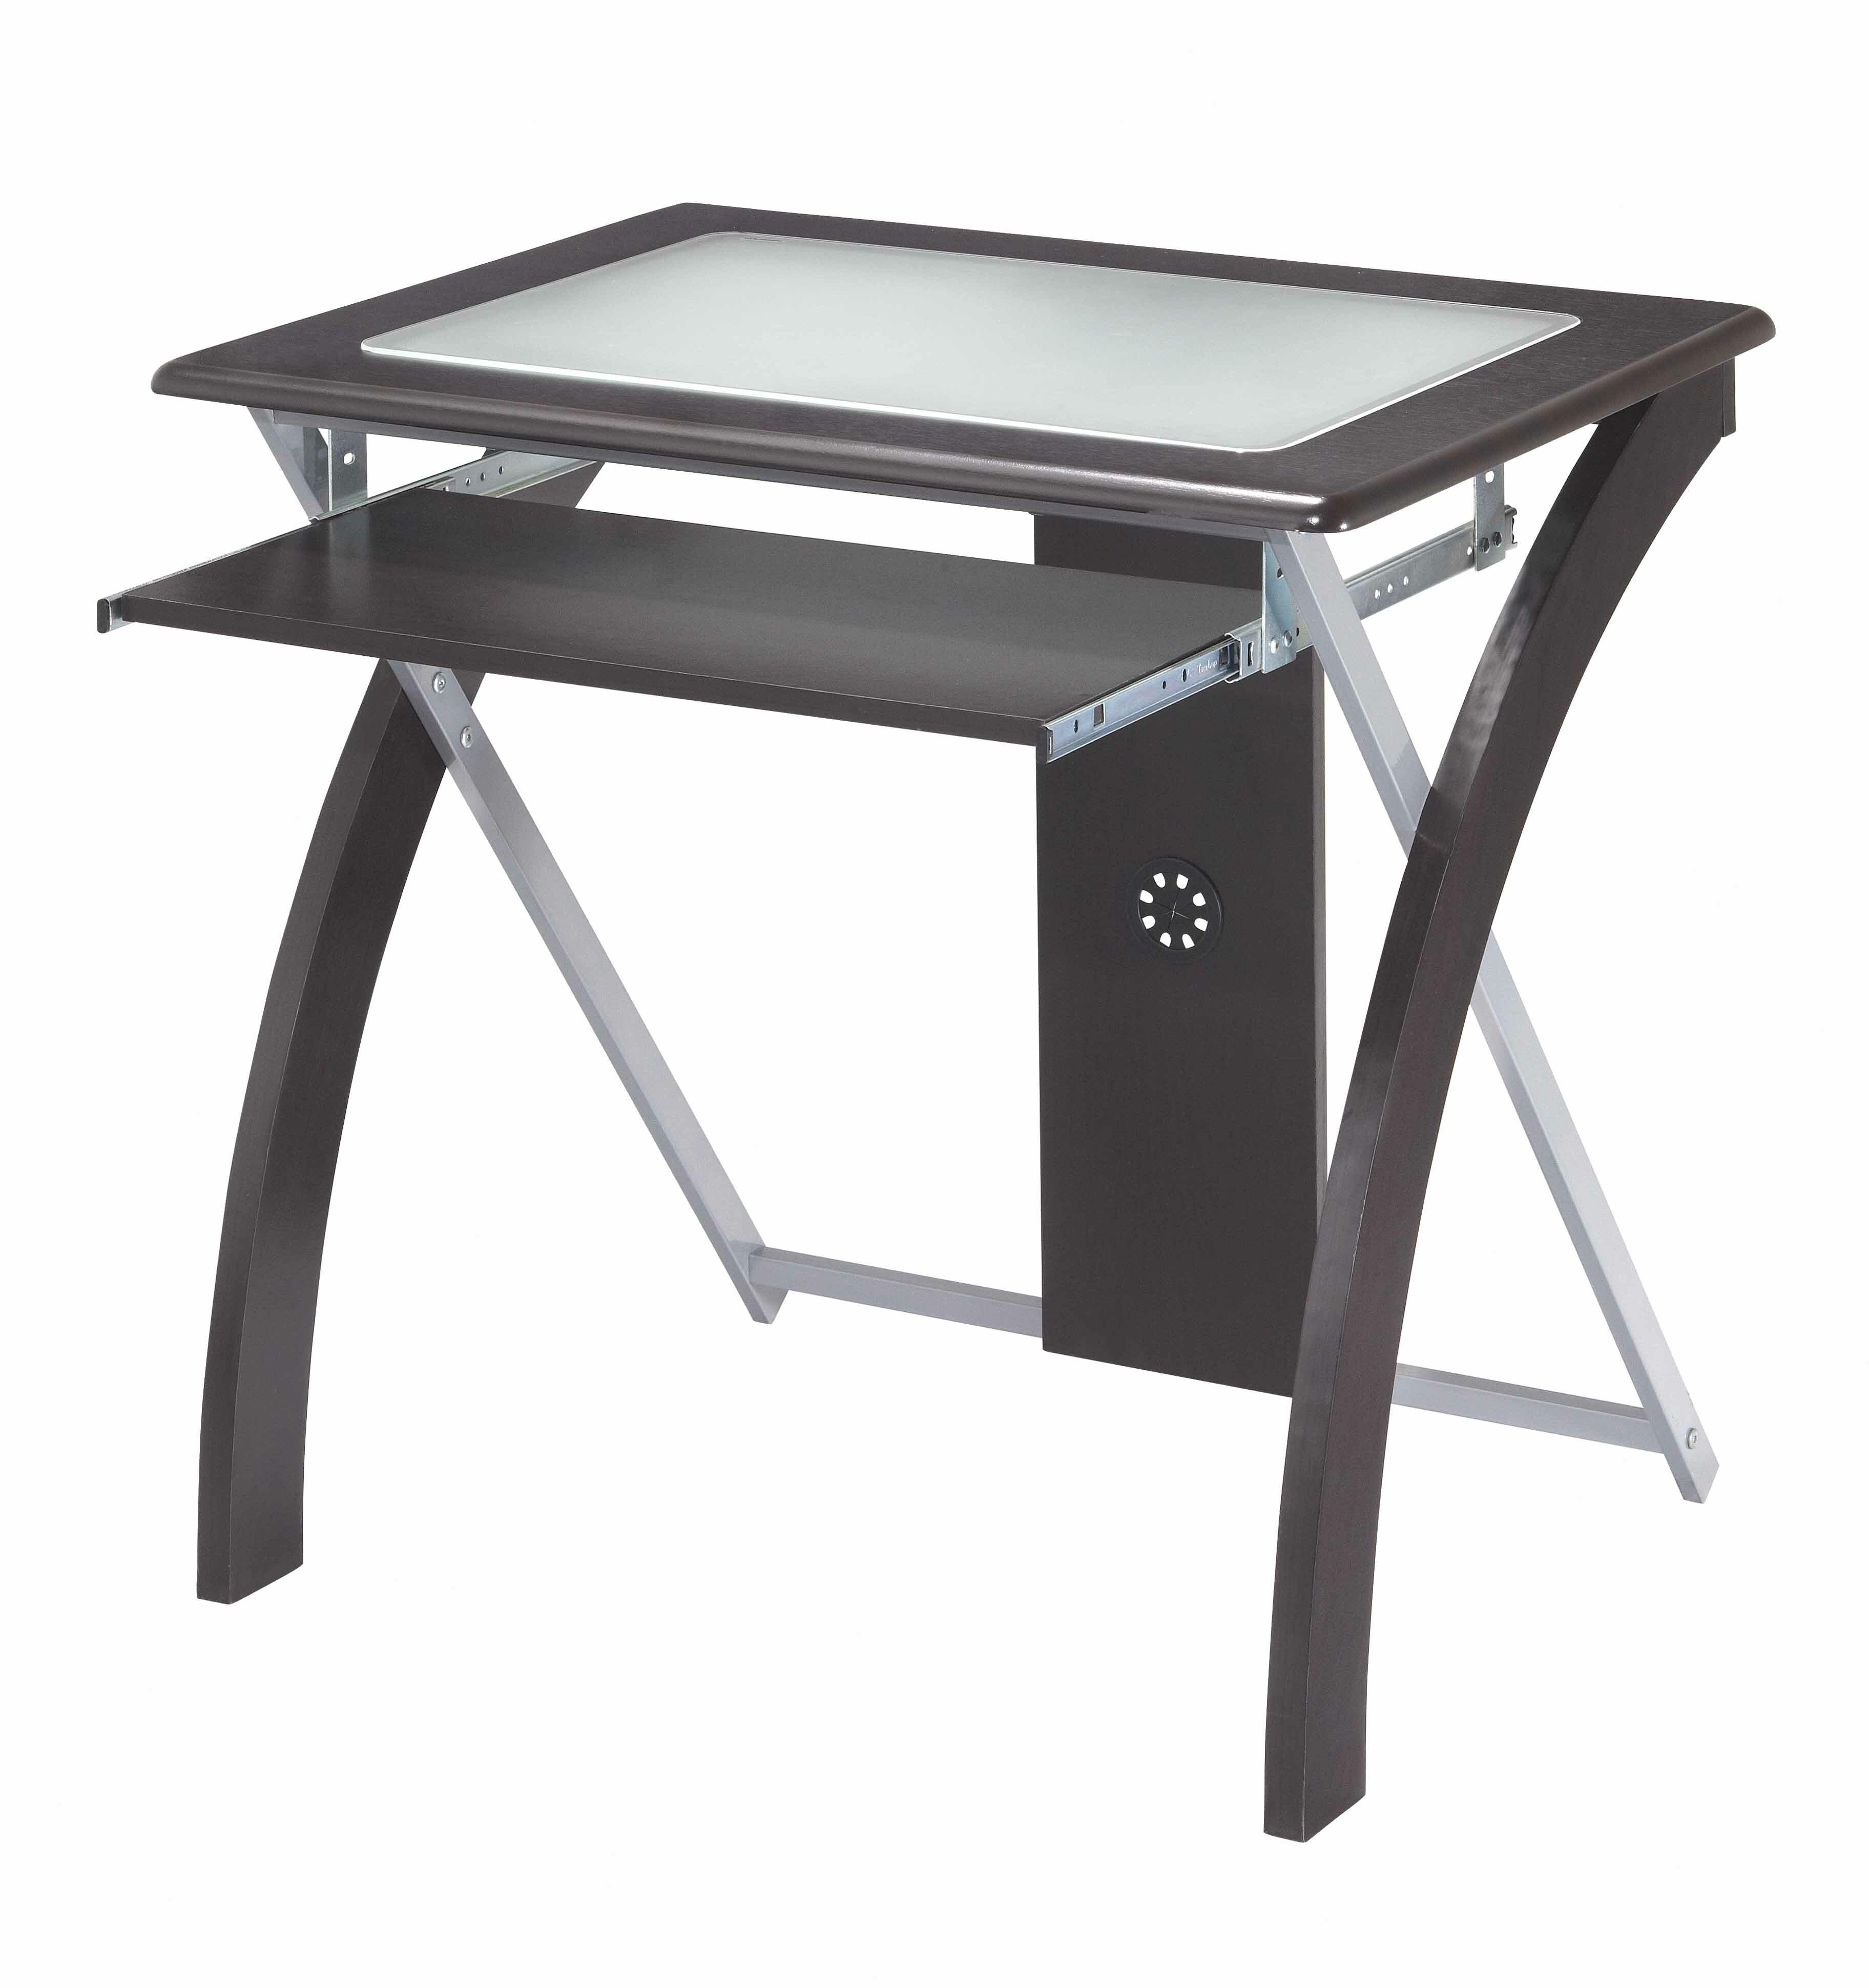 Osp Designs X Text Computer Desk Reviews Wayfair